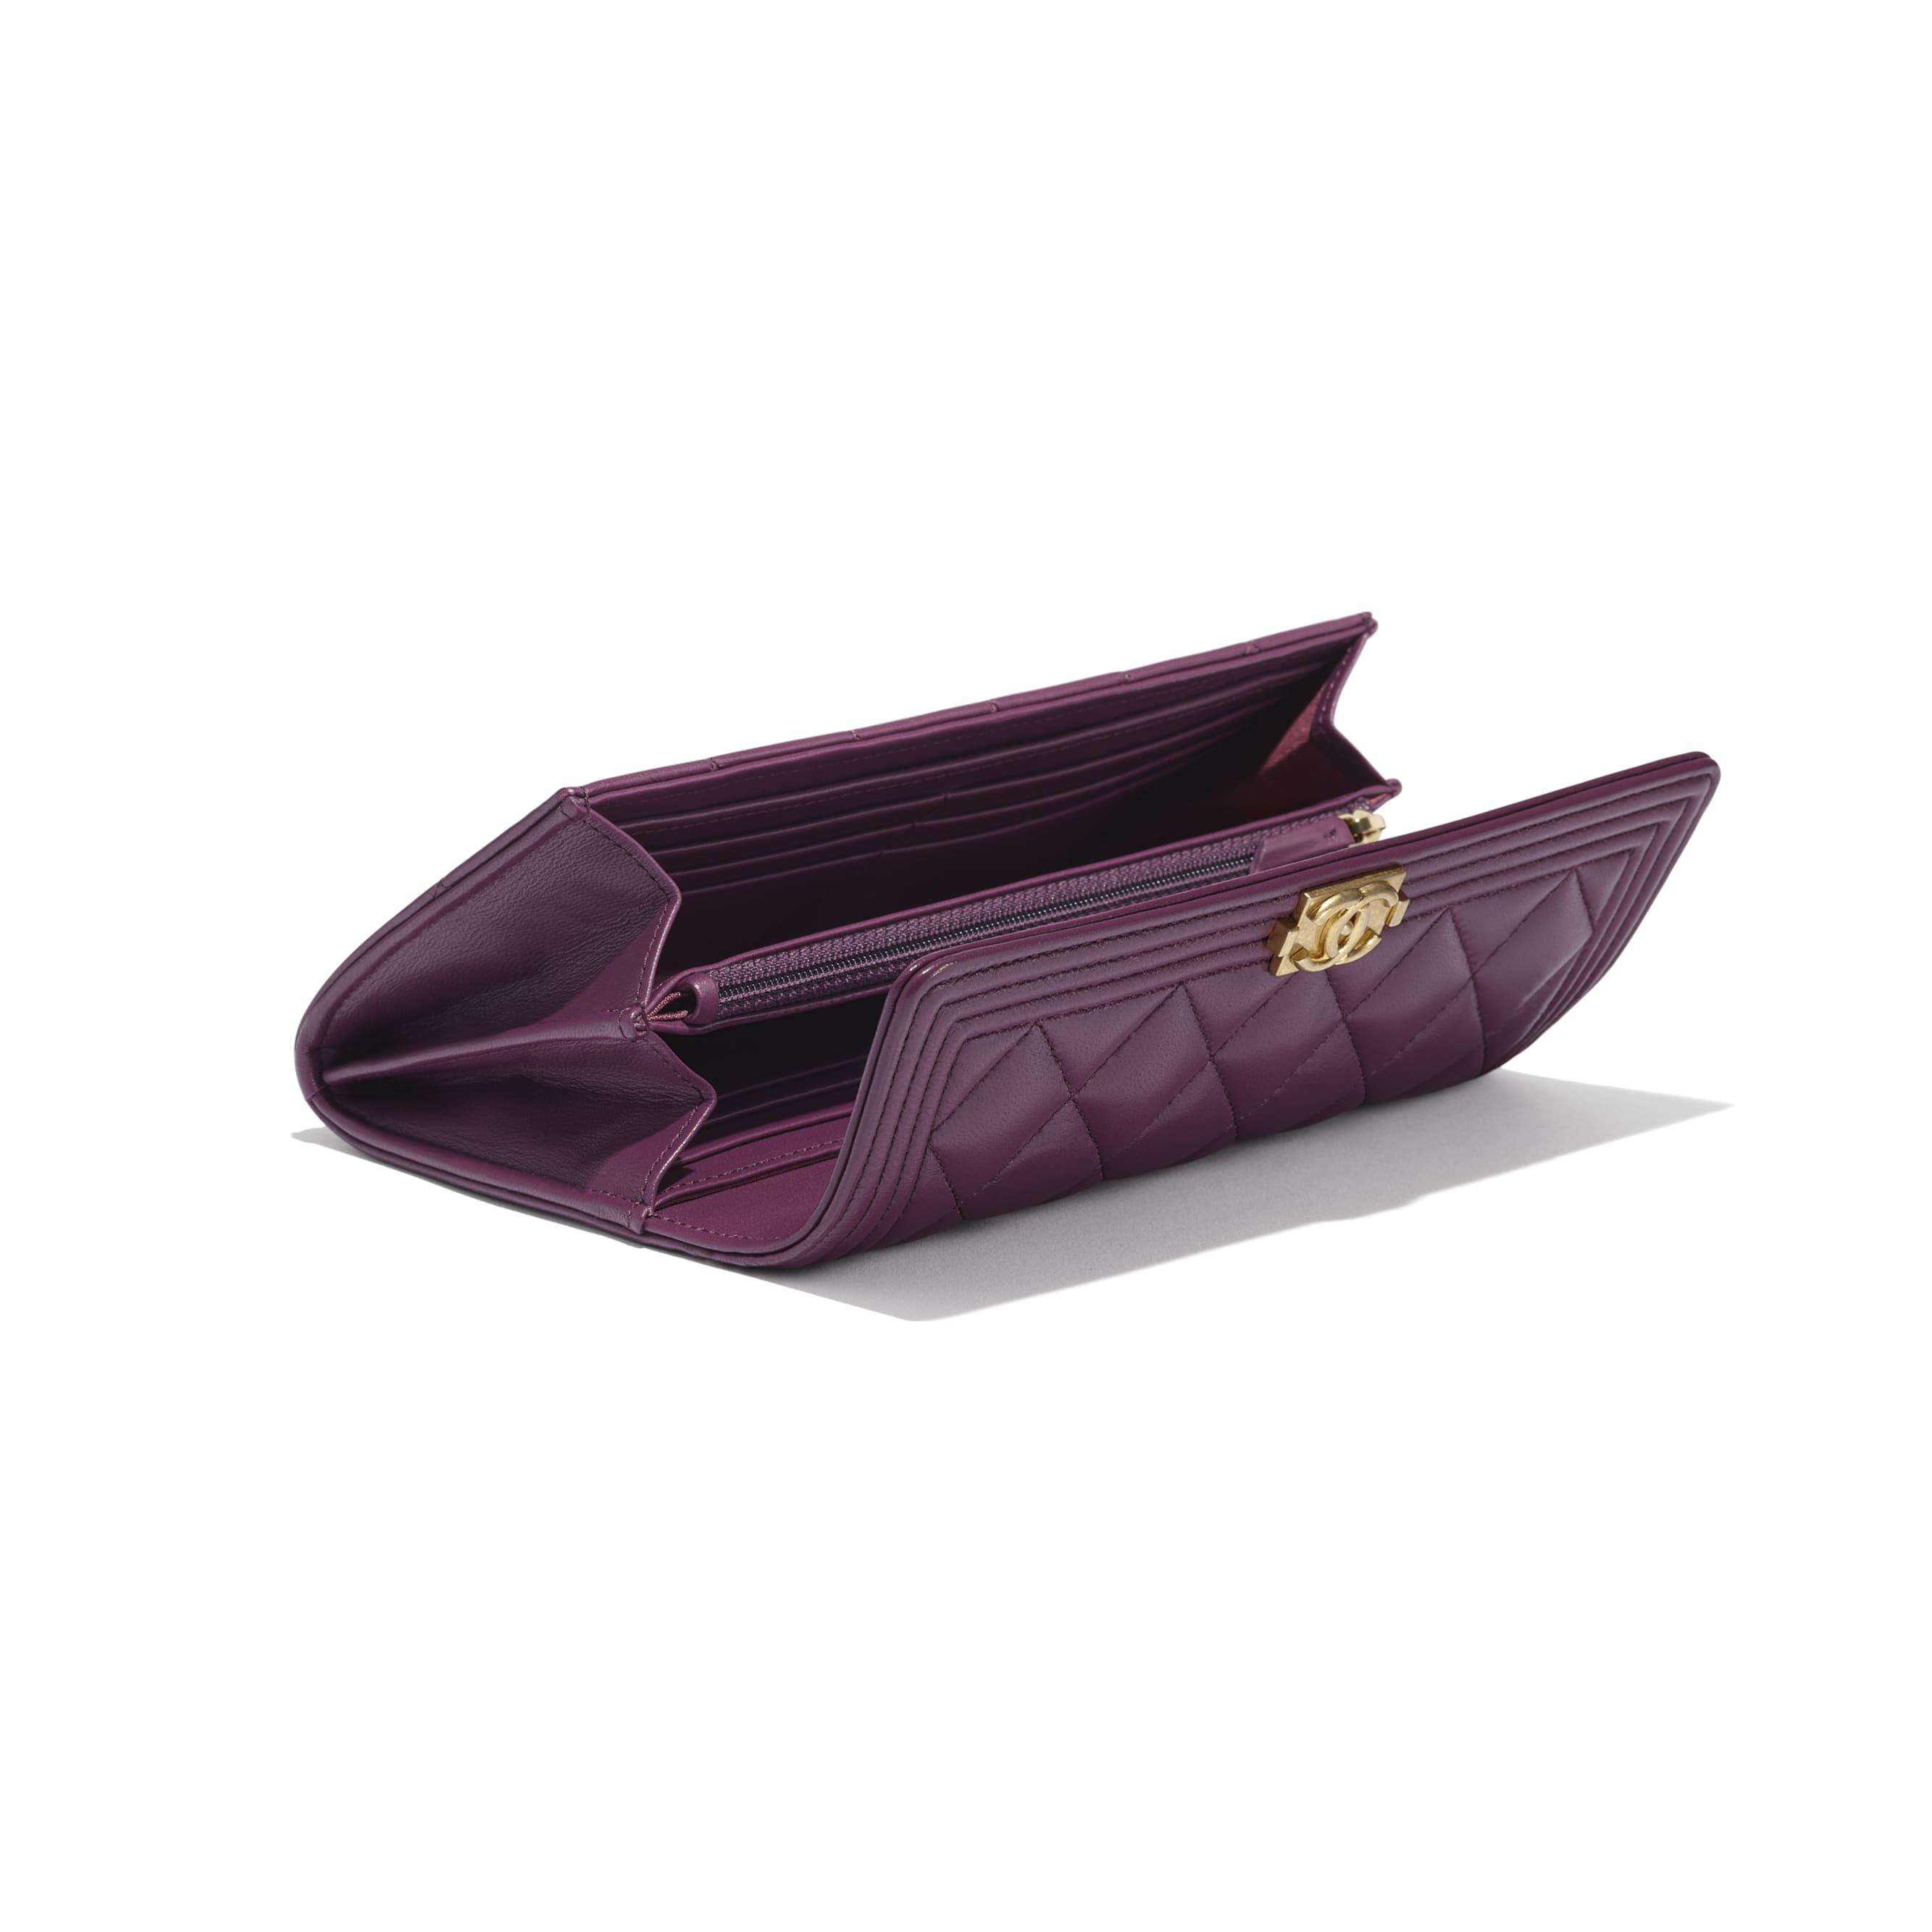 Długi portfel BOY CHANEL z klapką - Kolor fioletowy - Skóra jagnięca i metal w tonacji złotej - CHANEL - Dodatkowy widok – zobacz w standardowym rozmiarze